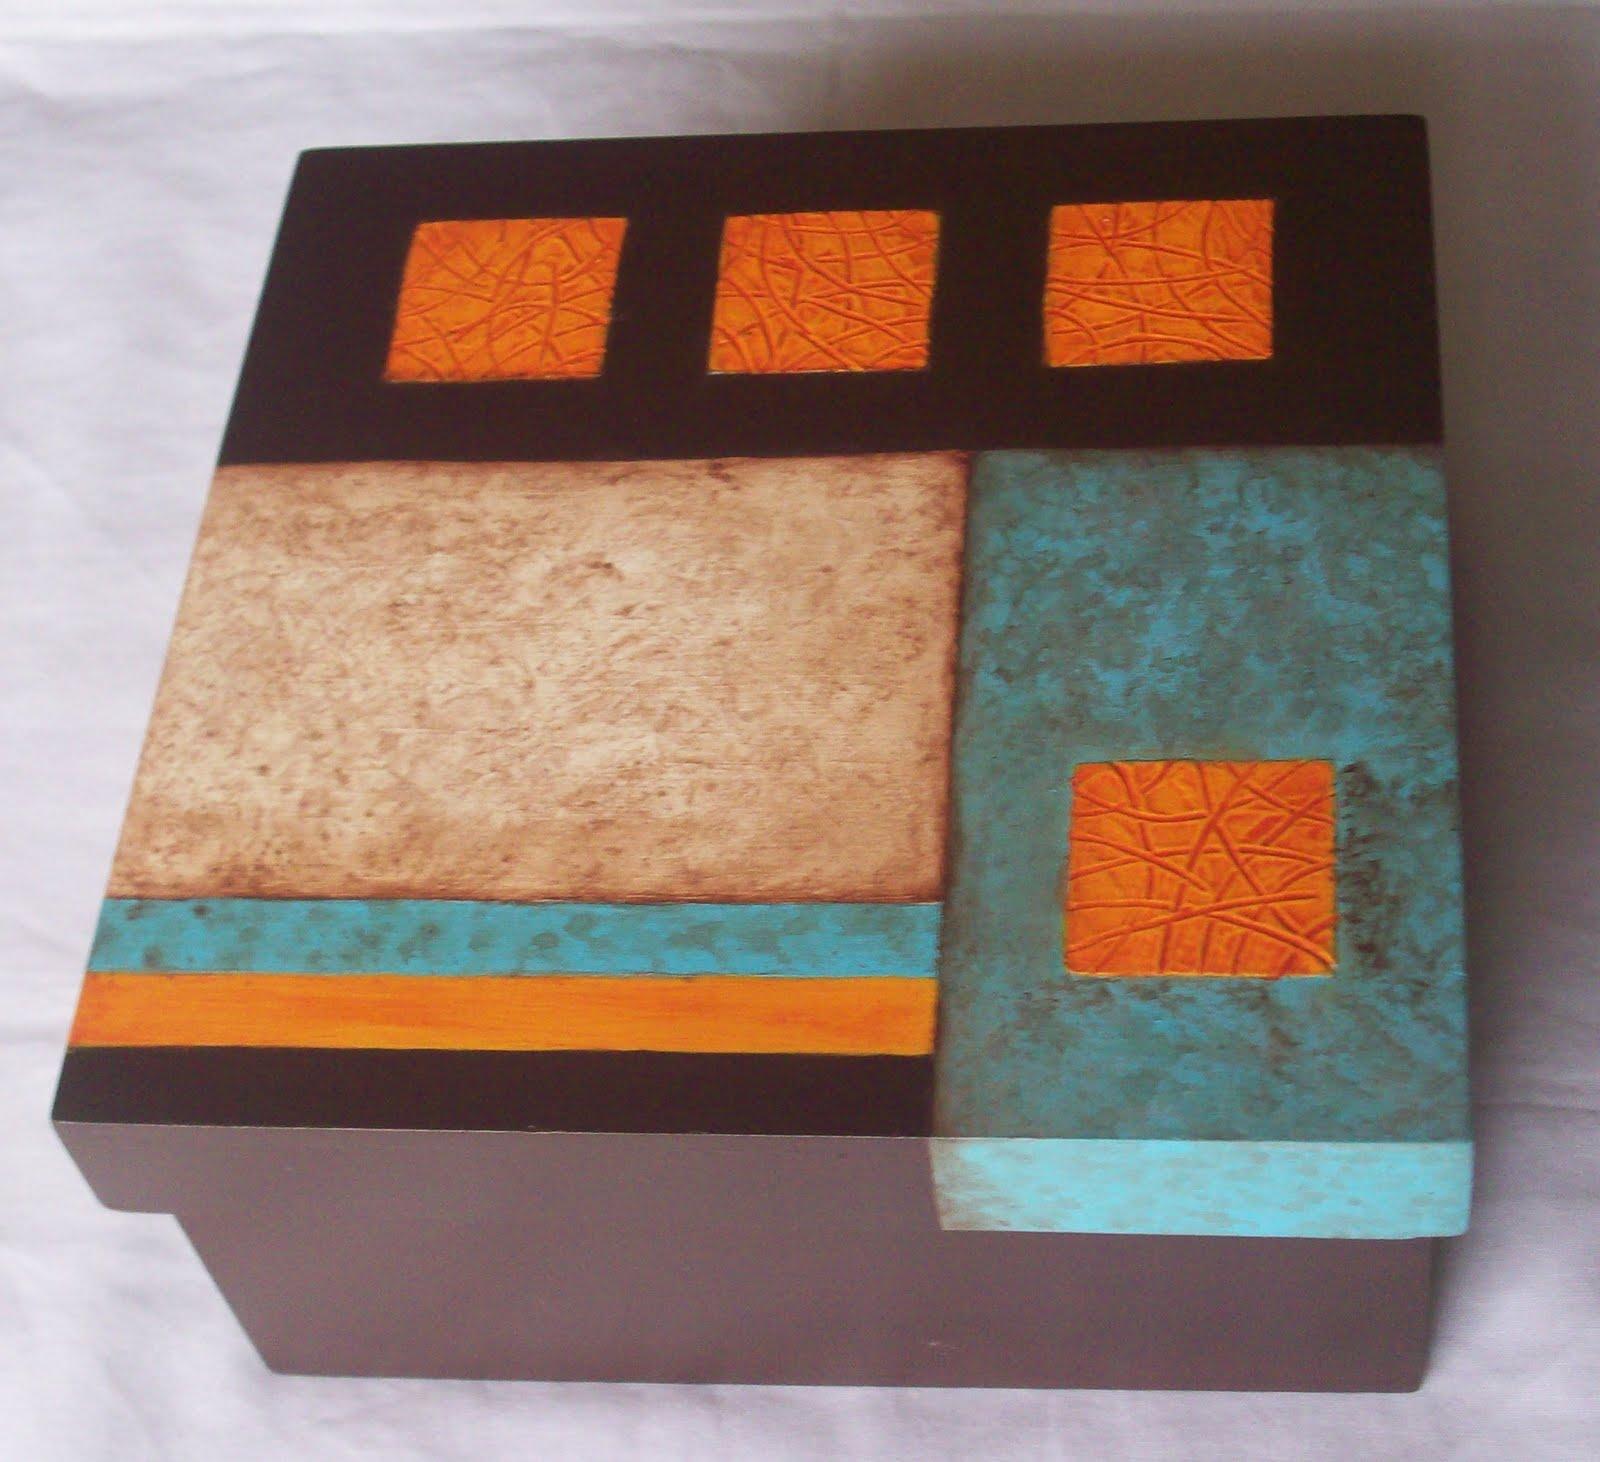 Pinturas de gladys cajas con acrilico - Decorar madera con pintura ...